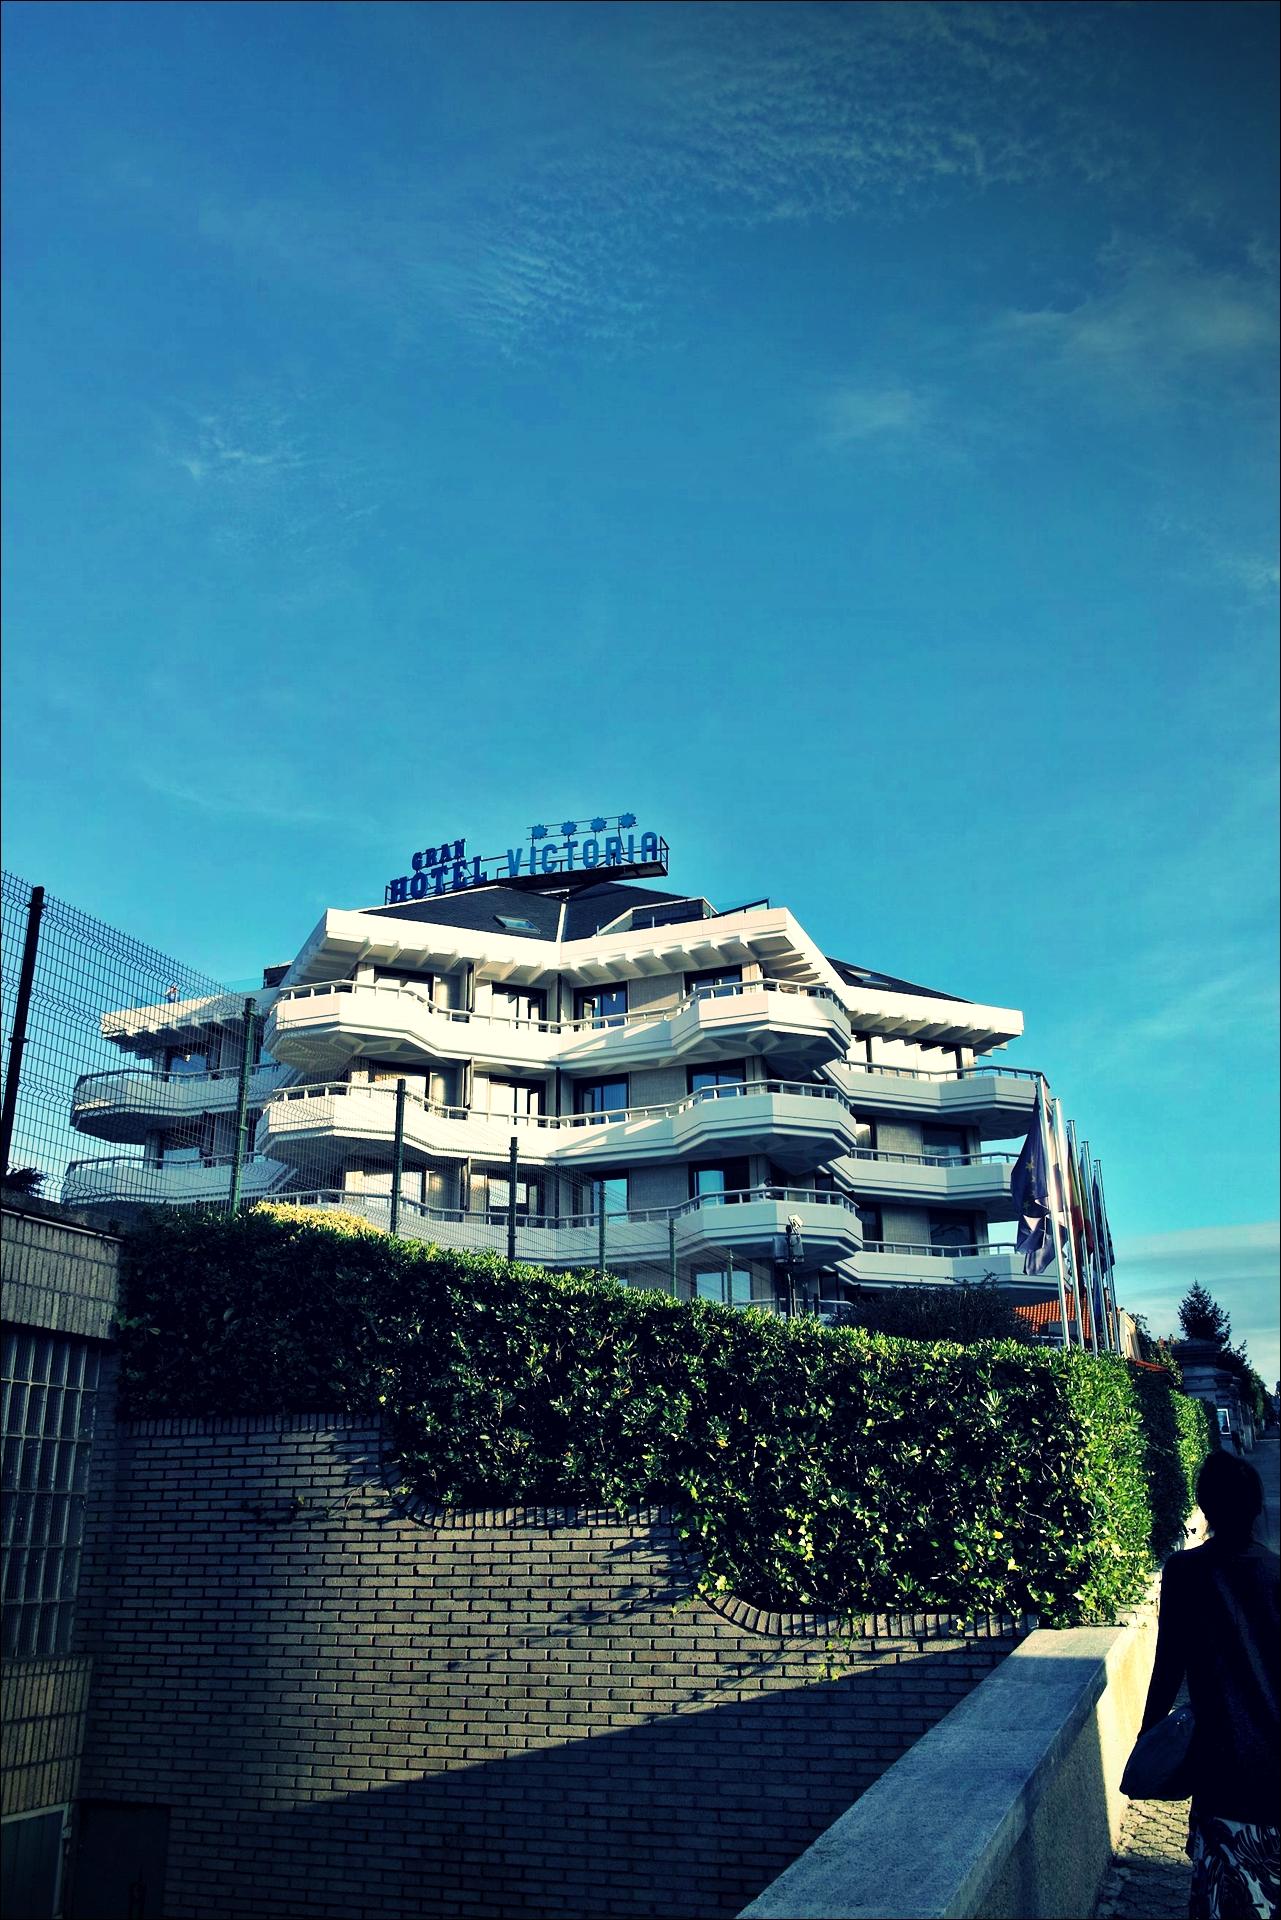 전경-'그란 호텔 빅토리아, 산탄데르, 스페인 (Gran Hotel Victoria, Santander, Spain)'